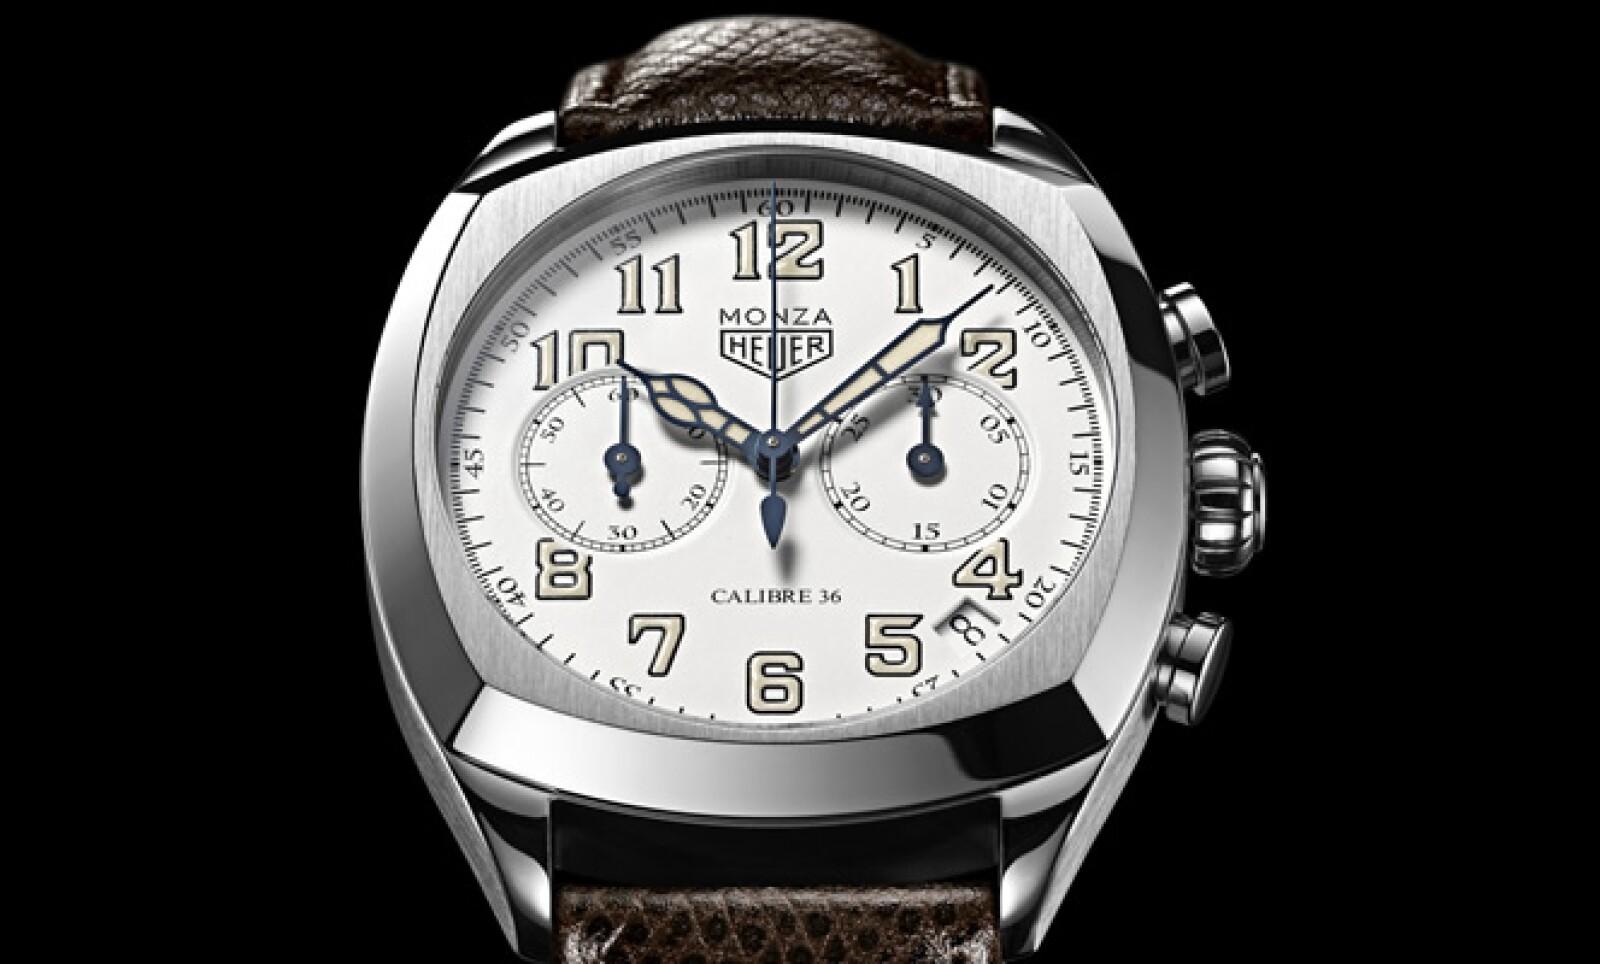 La firma presenta su nueva colección de relojes encabezada por el modelo 'Monza', una edición limitada de 1,911 piezas, con un diámetro de 42 mm, correa de piel y resistencia al agua hasta en 10 metros.